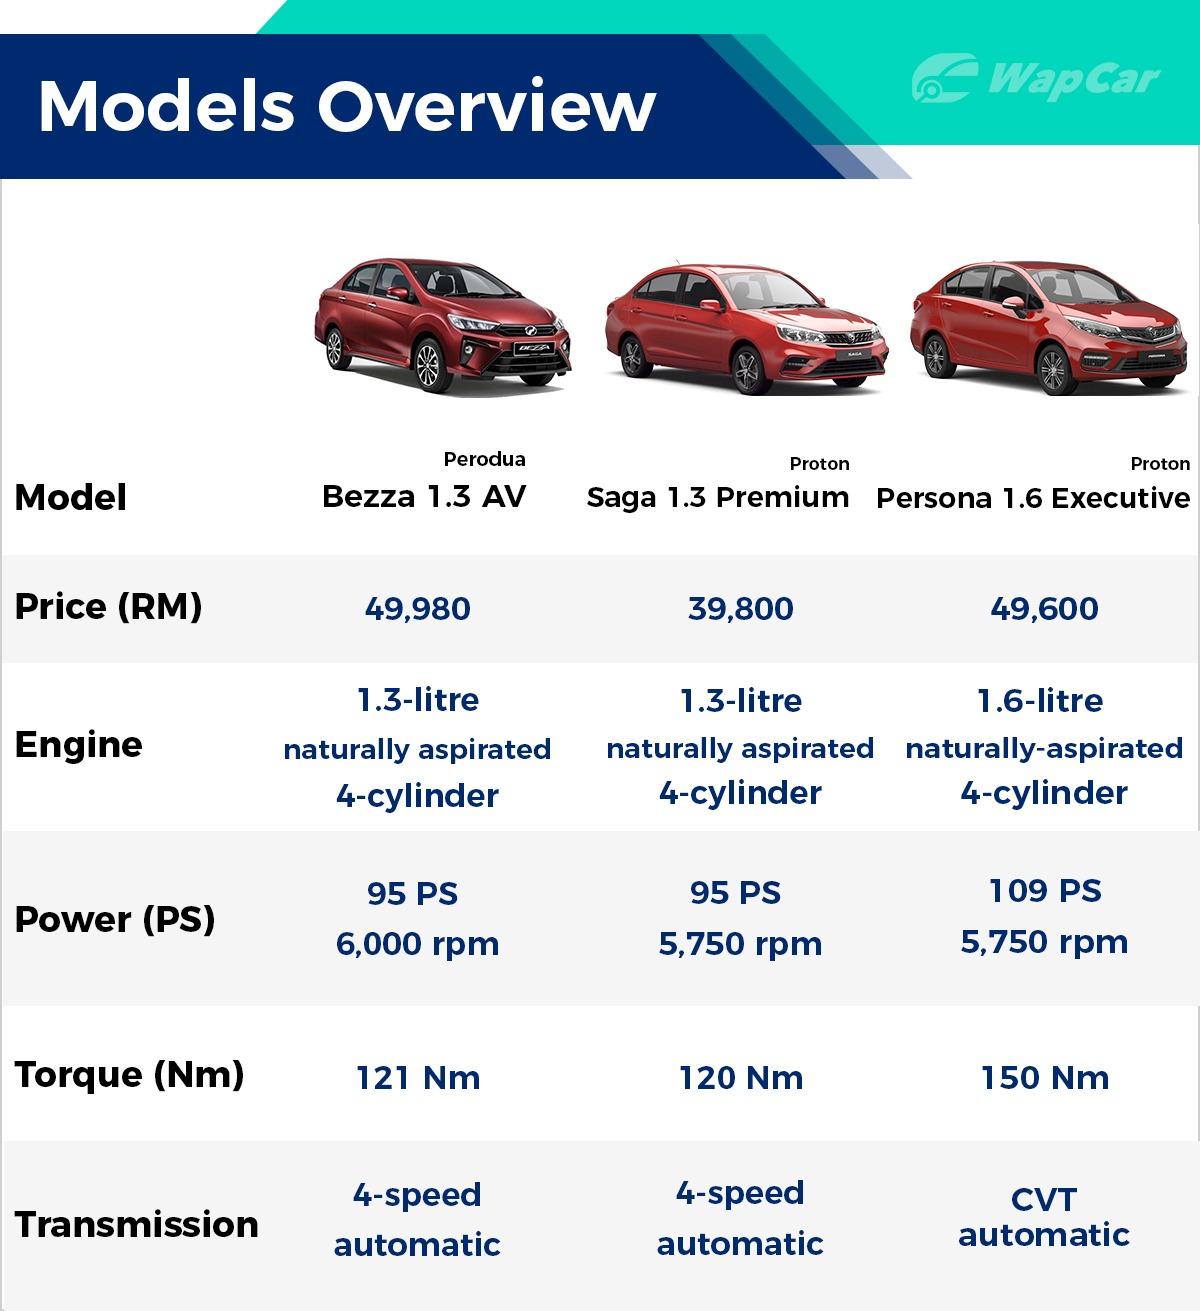 New 2020 Perodua Bezza Vs Proton Saga Vs Proton Persona A Bigger Option For The Same Price Wapcar